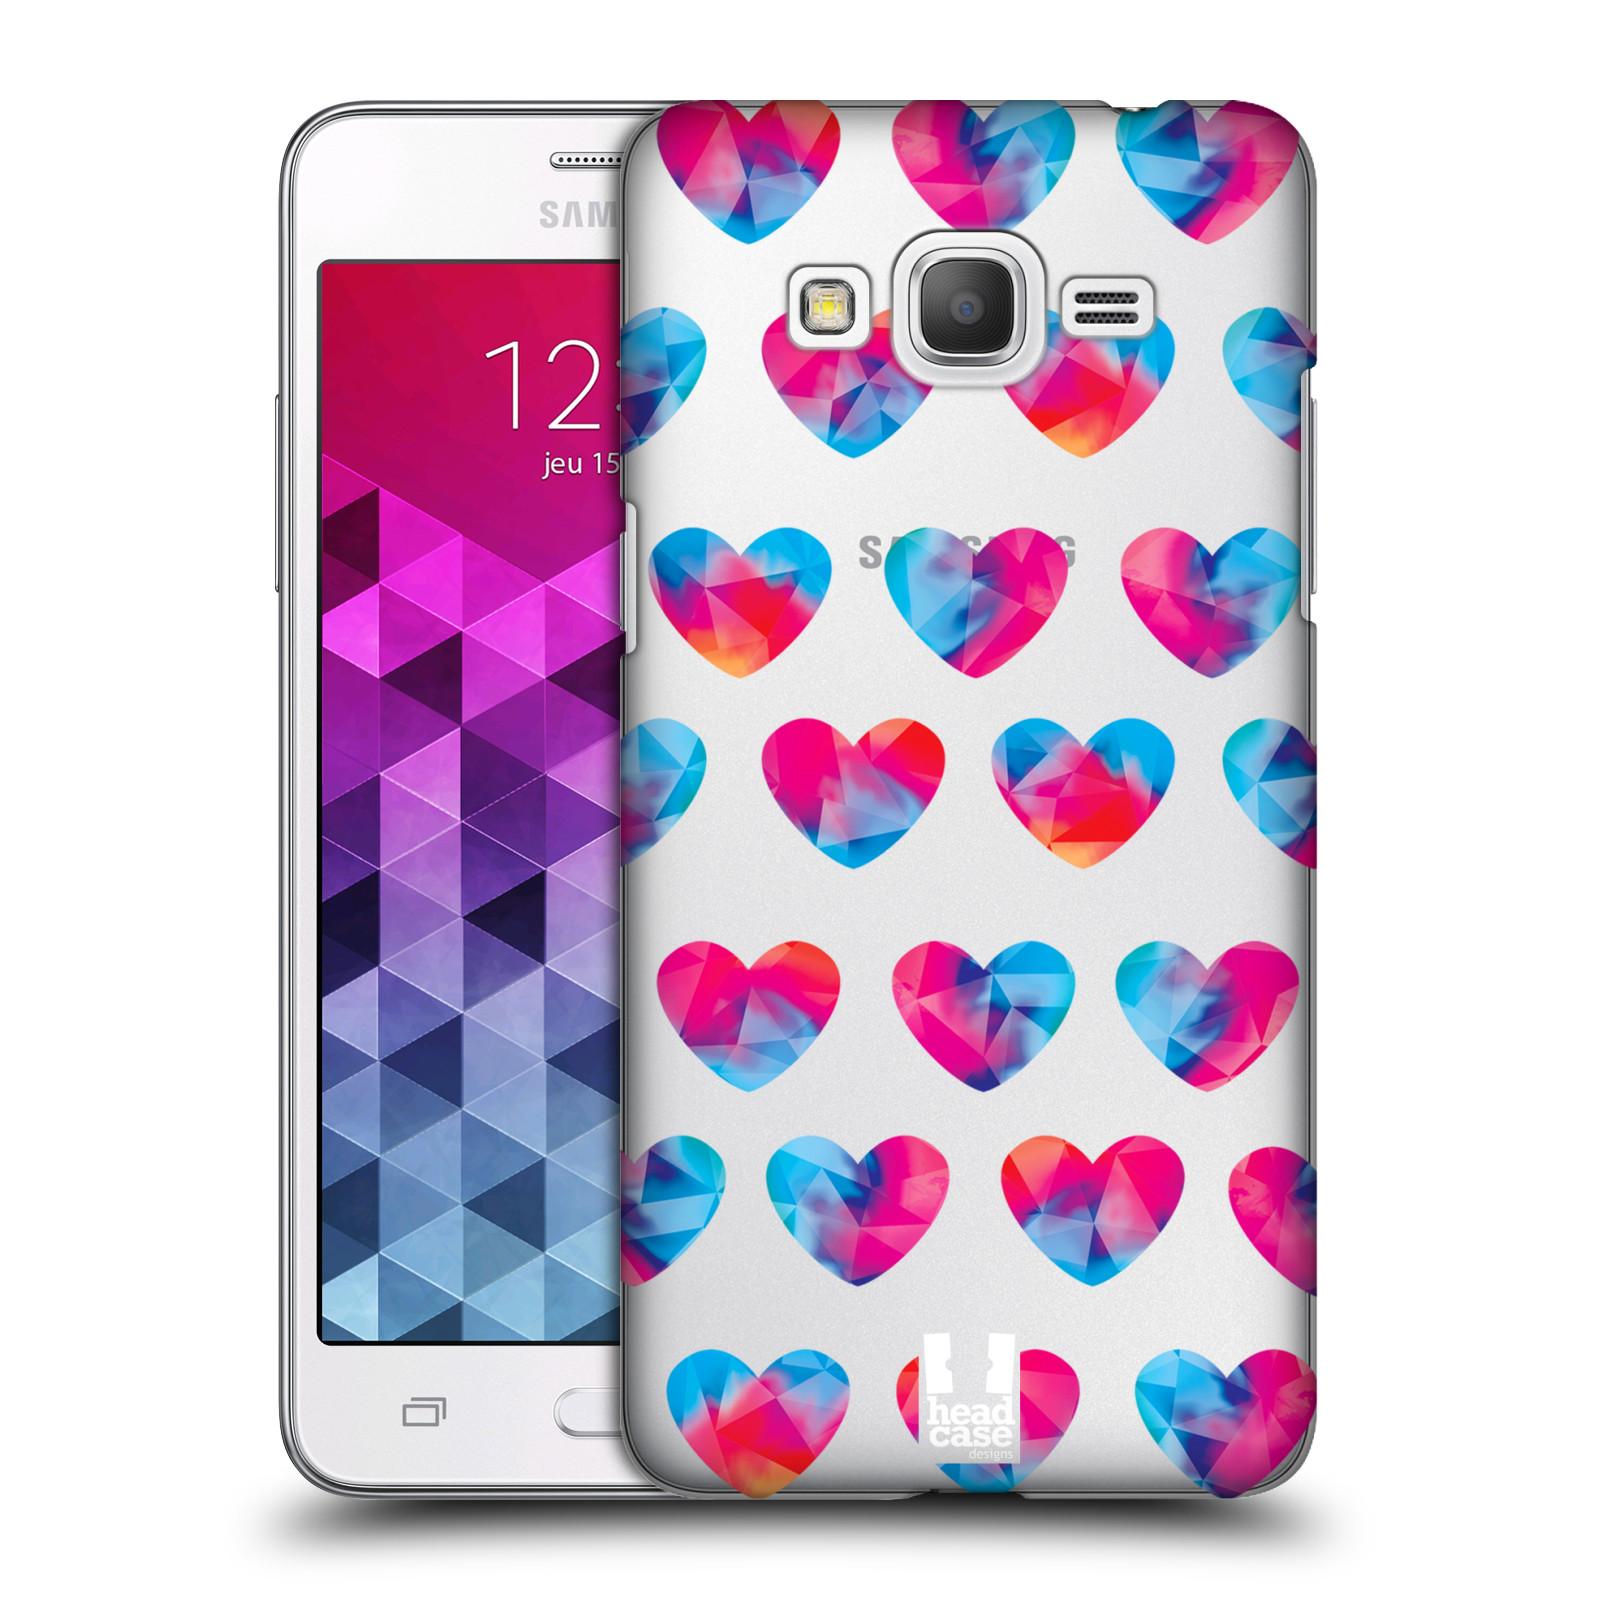 Plastové pouzdro na mobil Samsung Galaxy Grand Prime - Head Case - Srdíčka hrající barvami